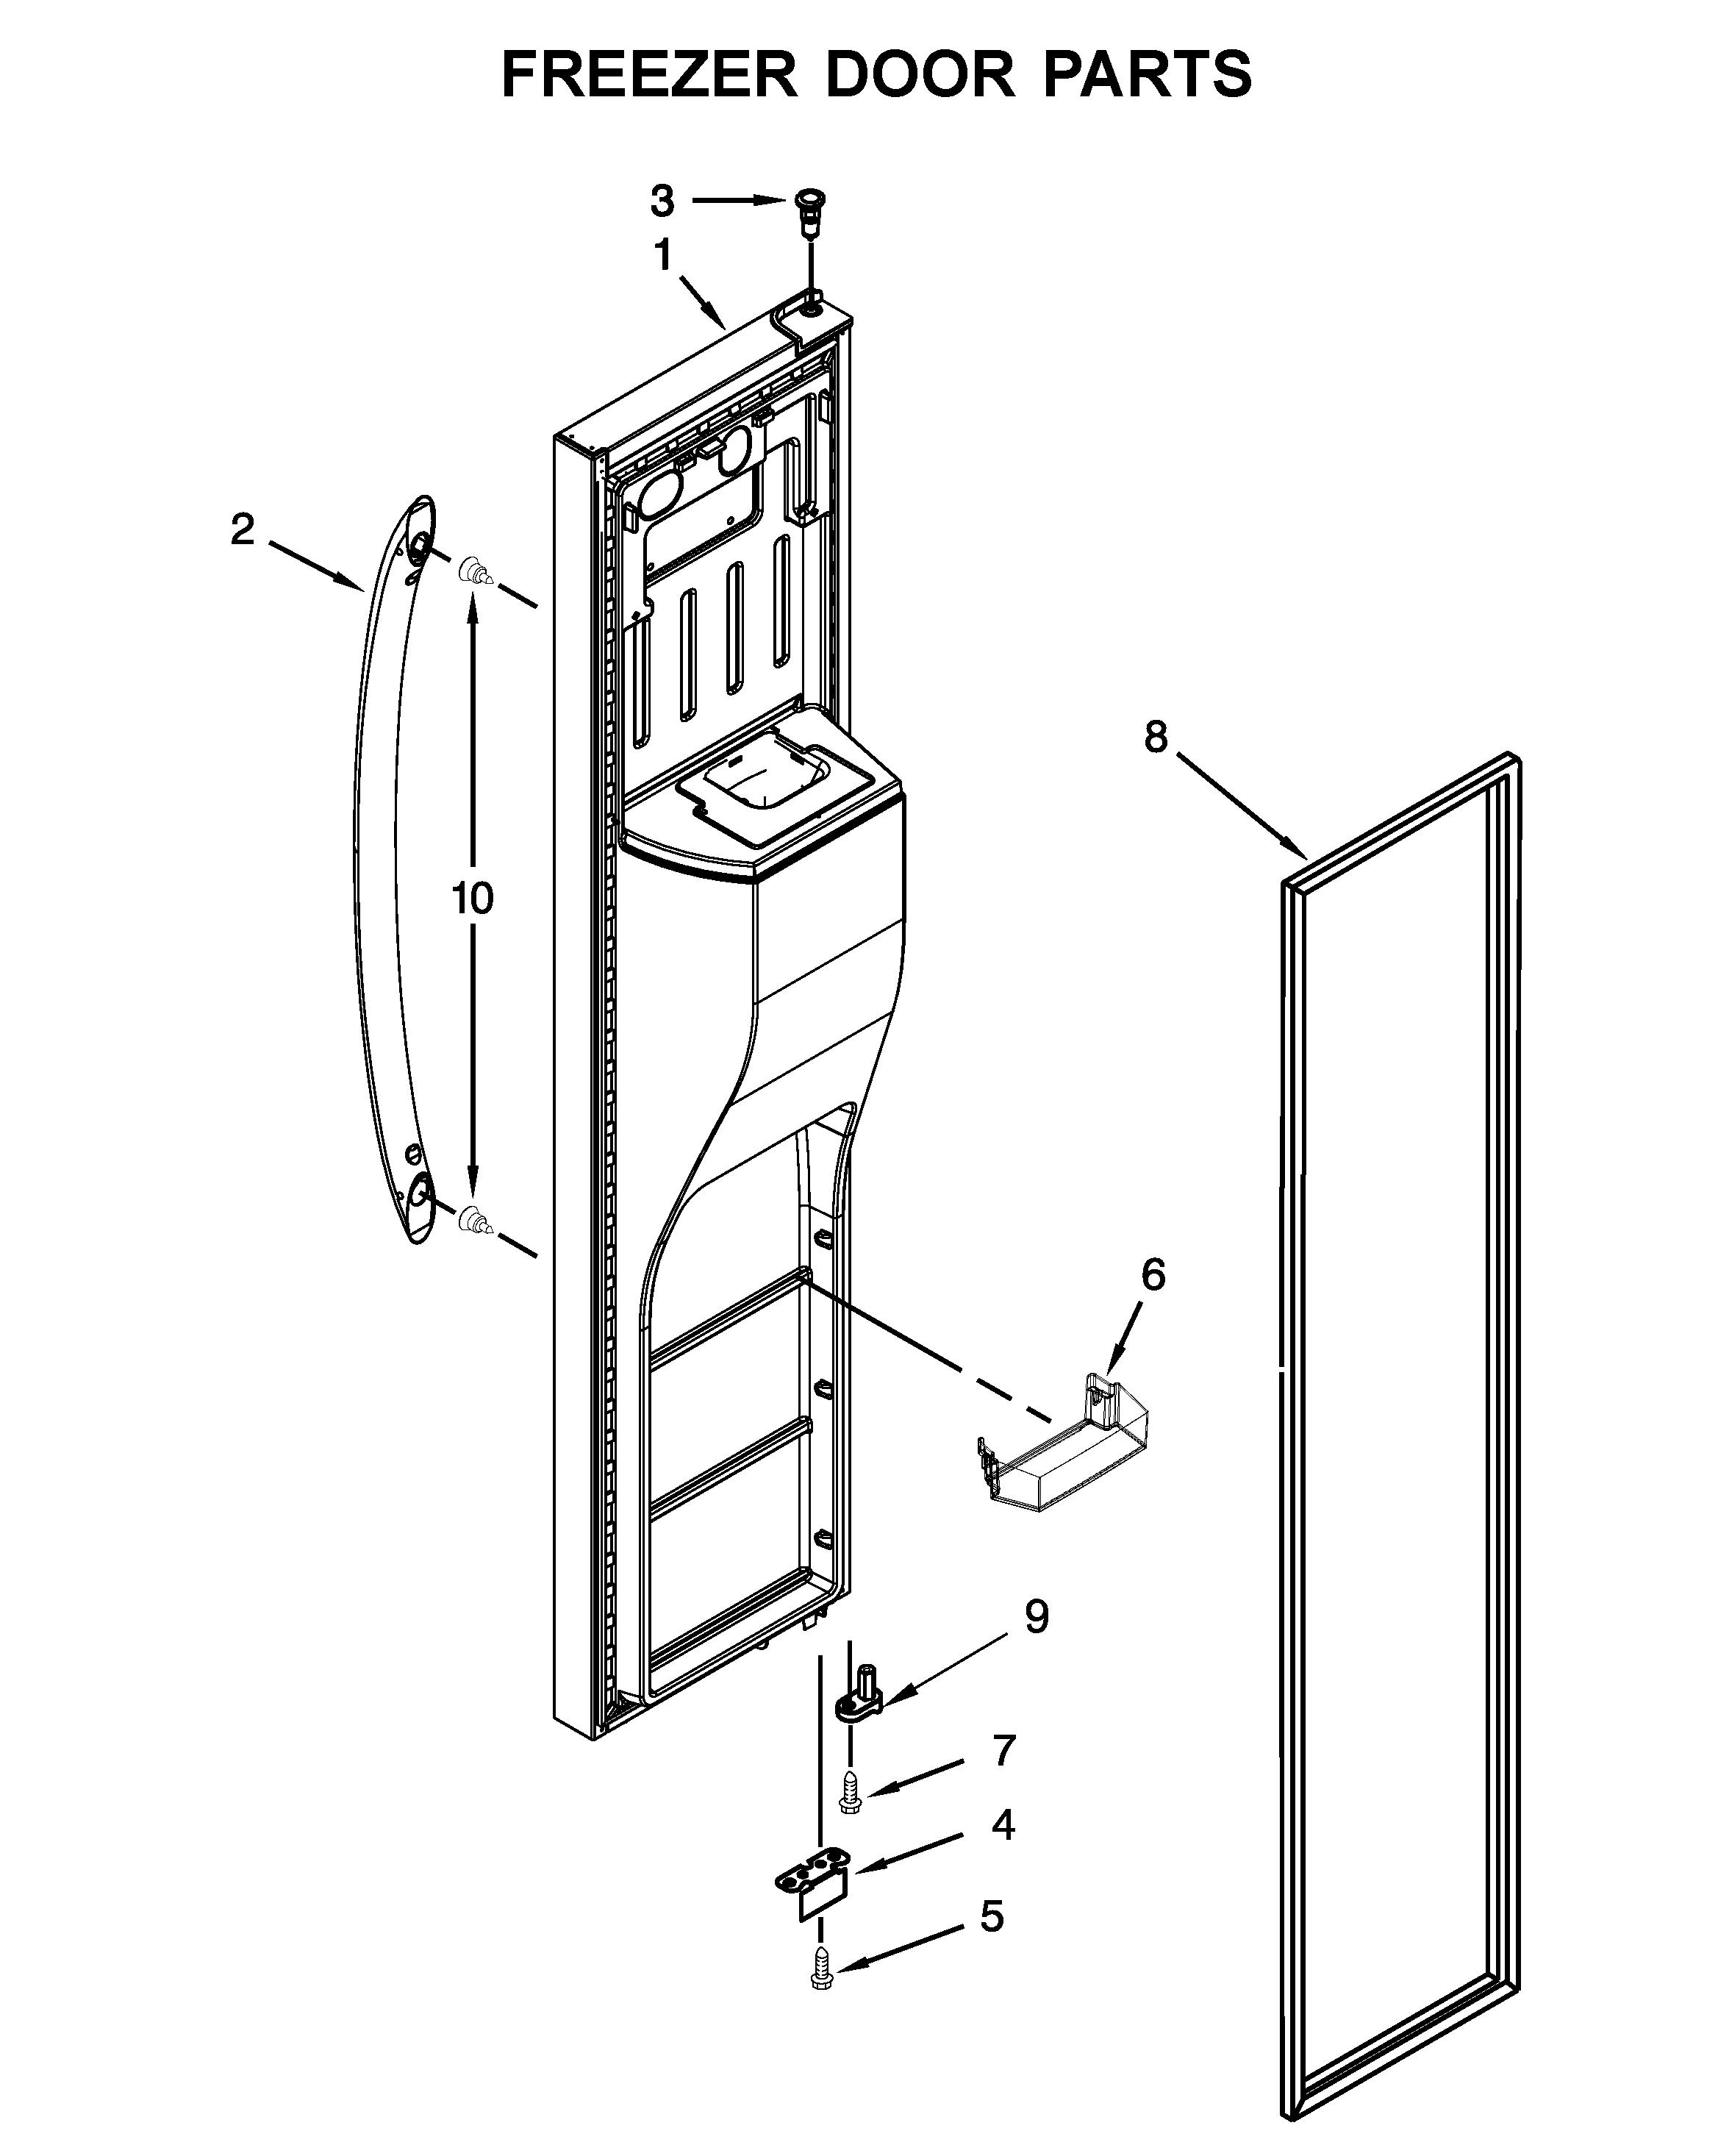 small resolution of whirlpool wrs555sihz00 freezer door parts diagram